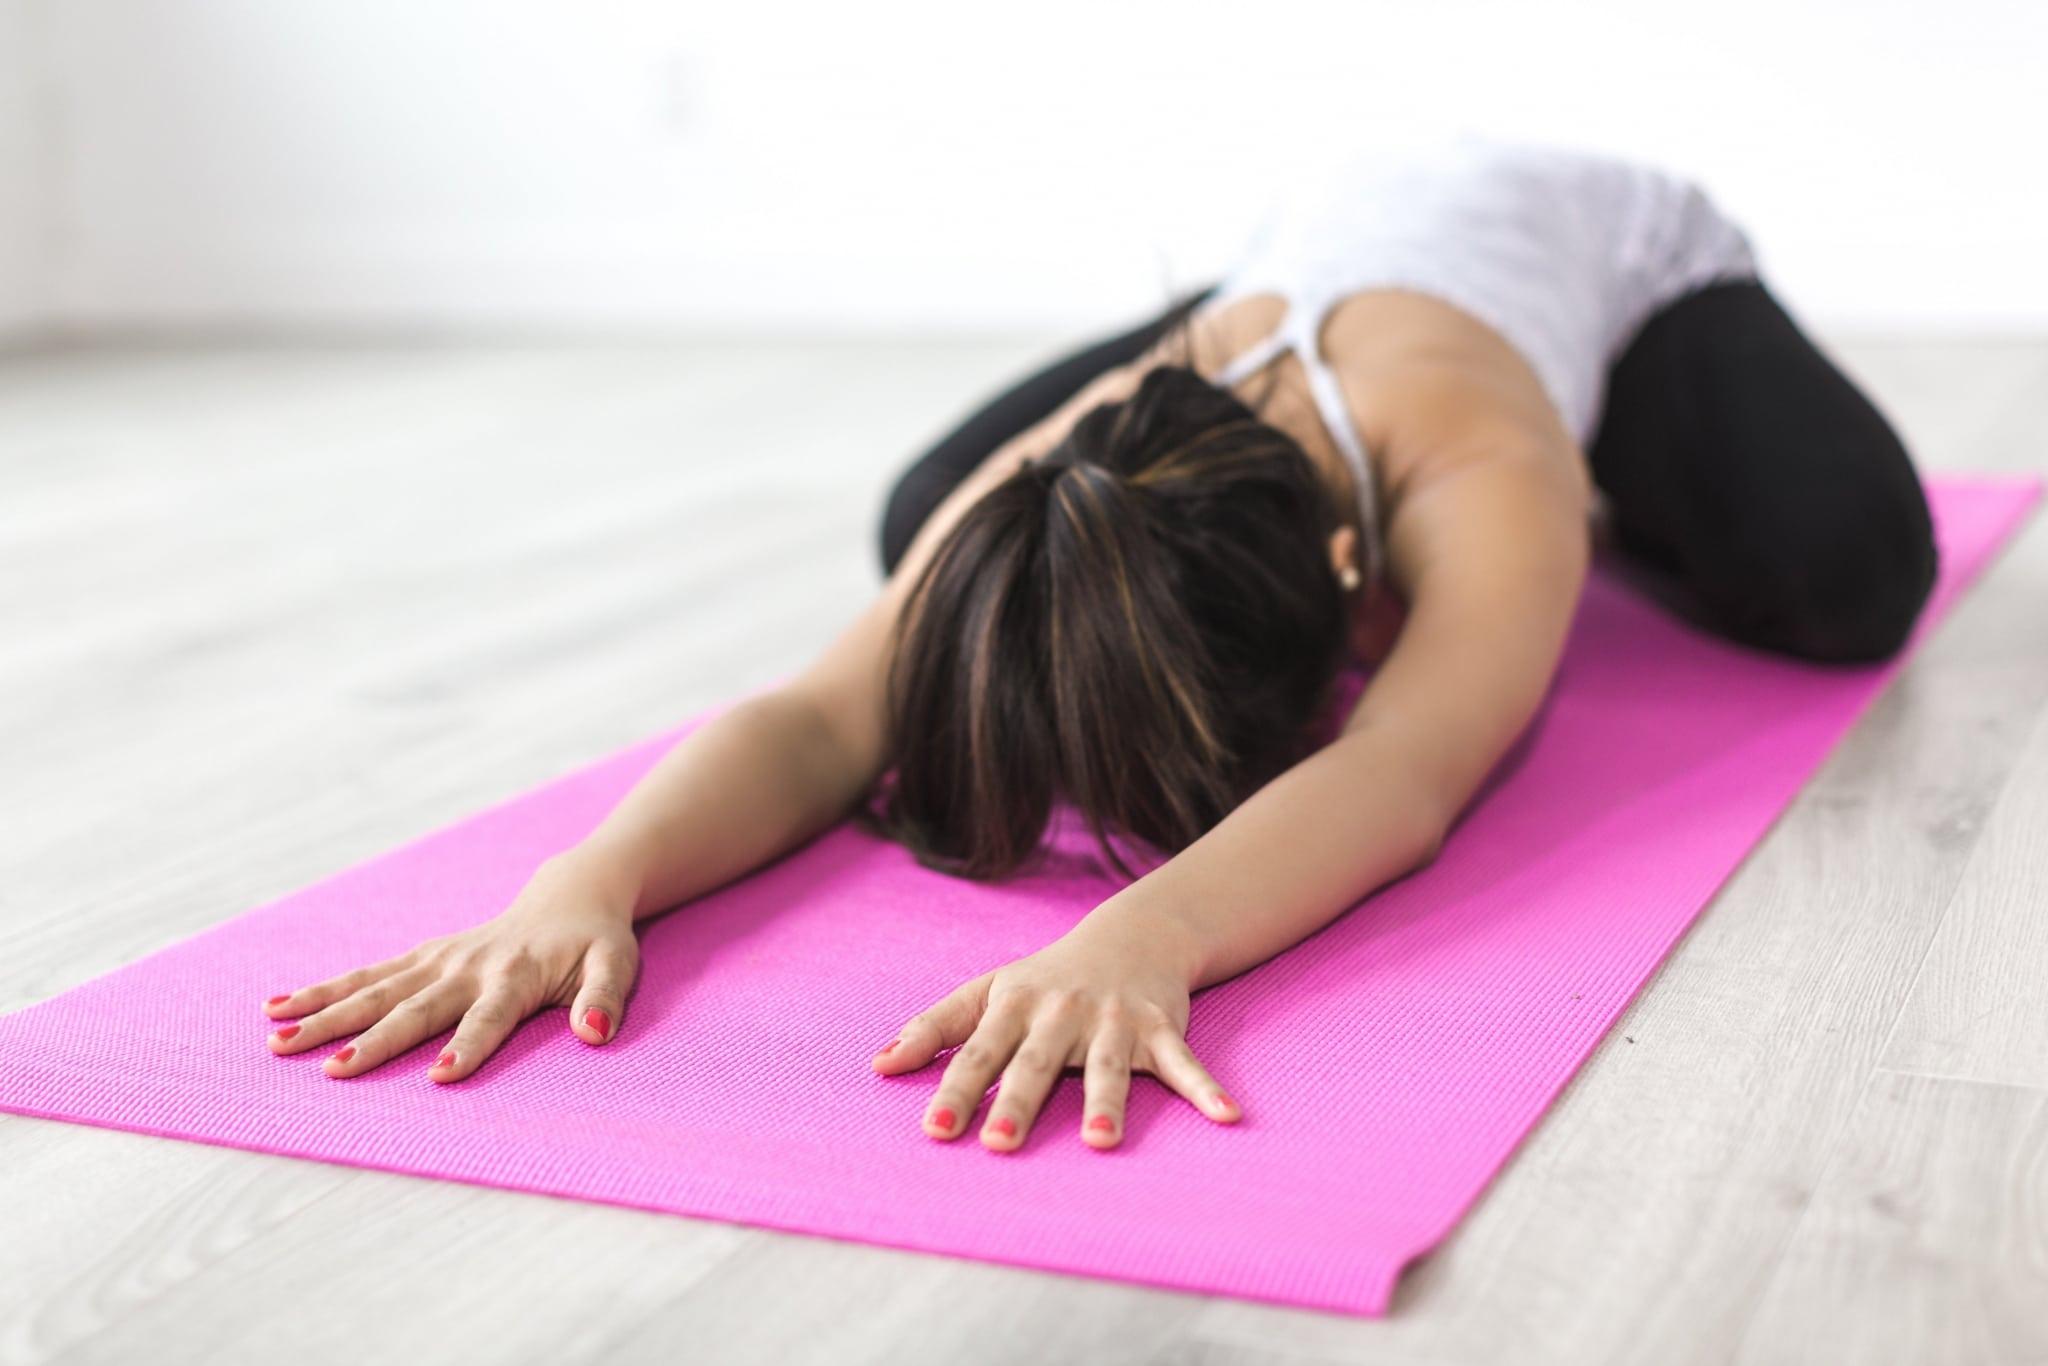 Frau in einer Yoga-Position auf einer Matte